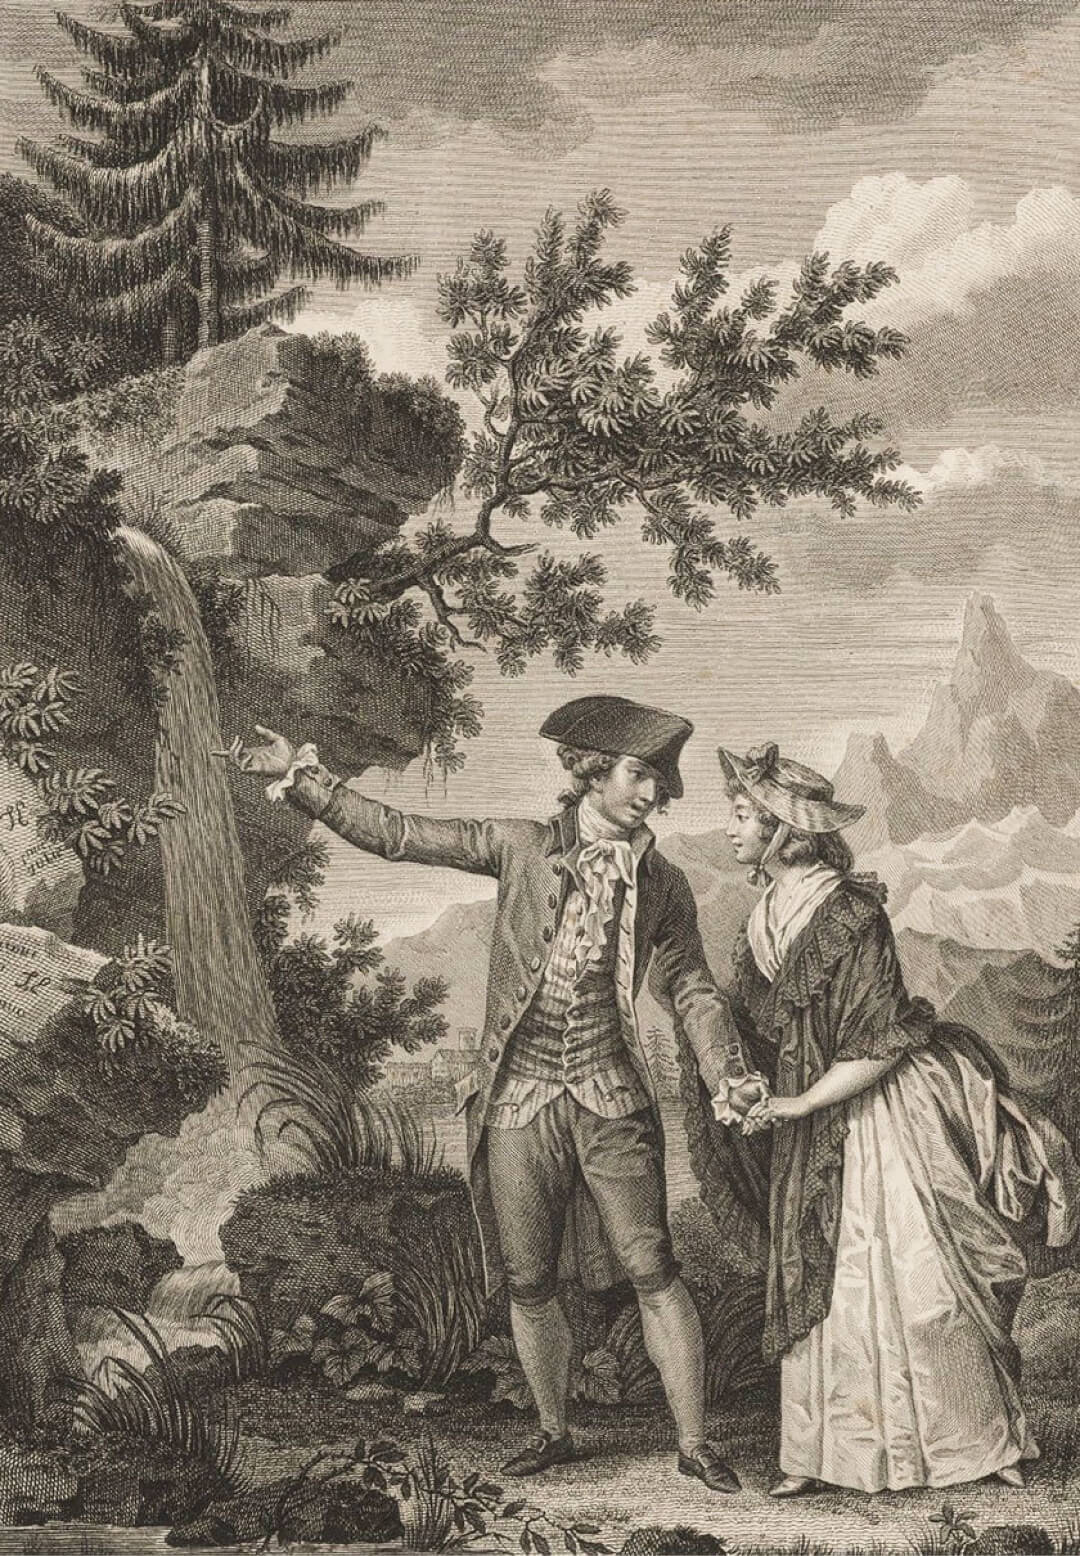 Иллюстрация кроману «Страдания юного Вертера» Иоганна Гете изиздания 1844 года. Художник Офорт Тони Жоанно